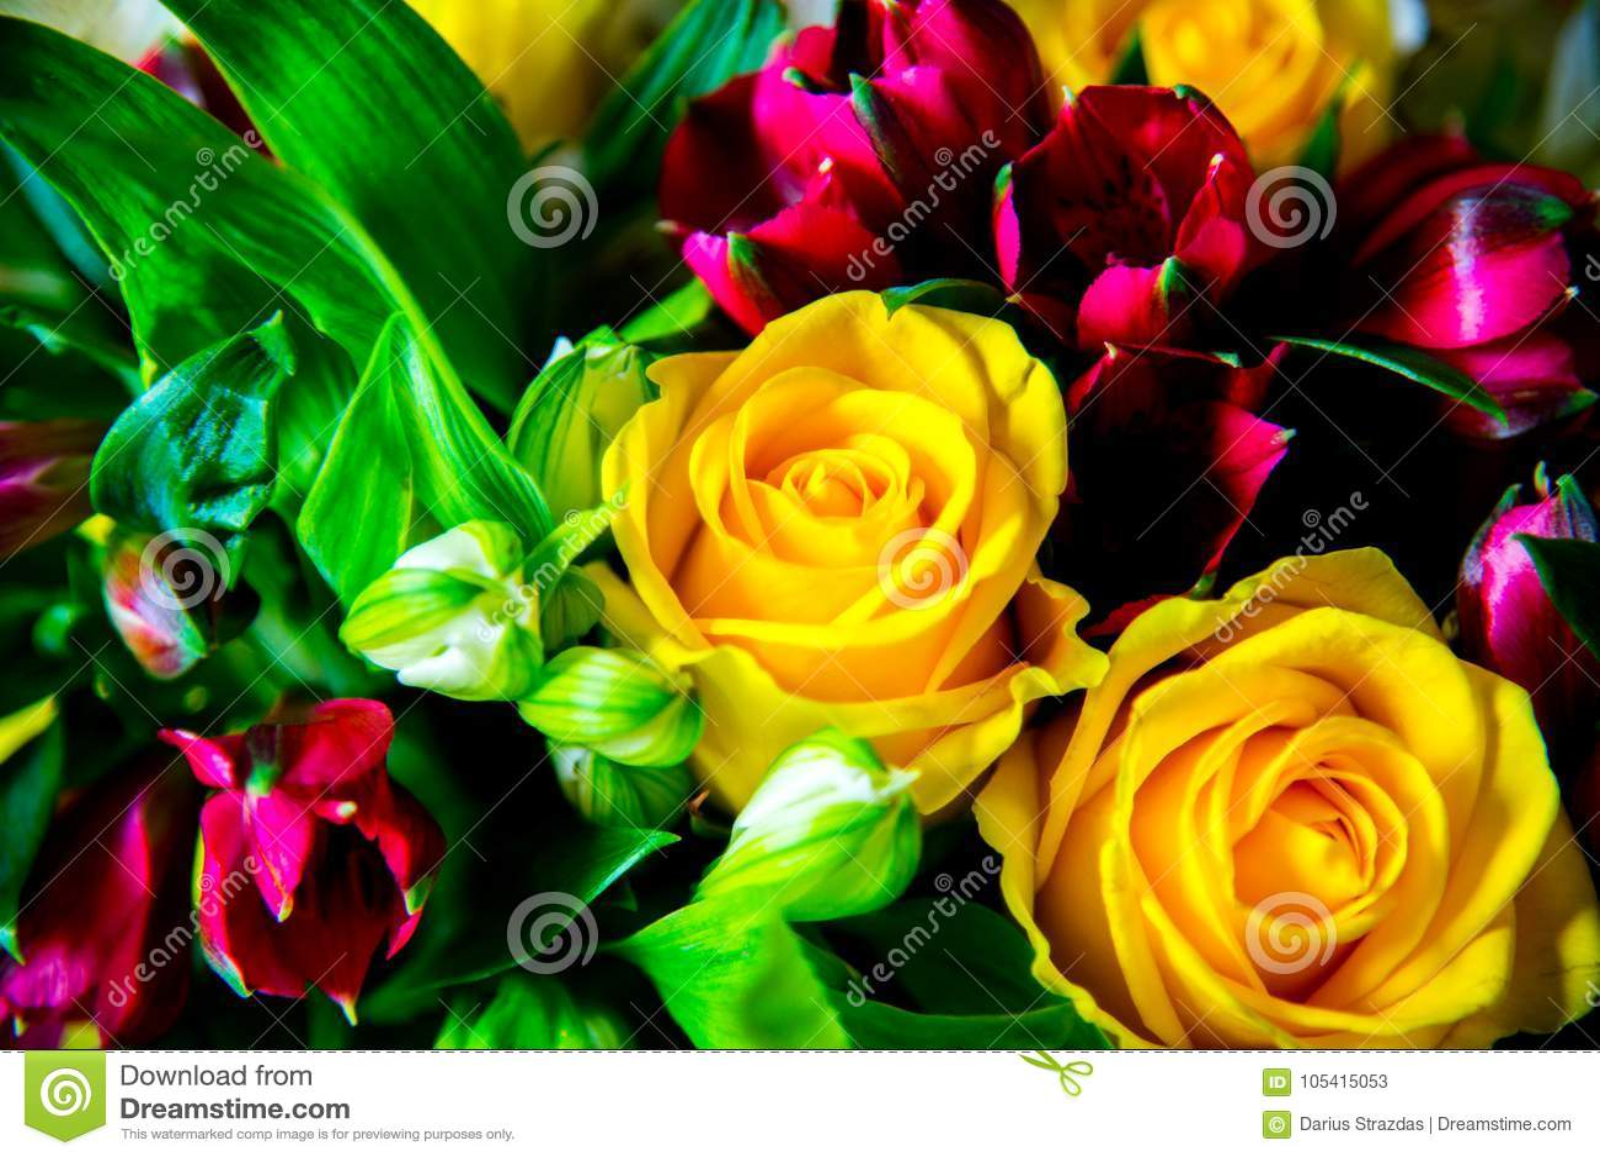 Grupo de flores diferente e fresco